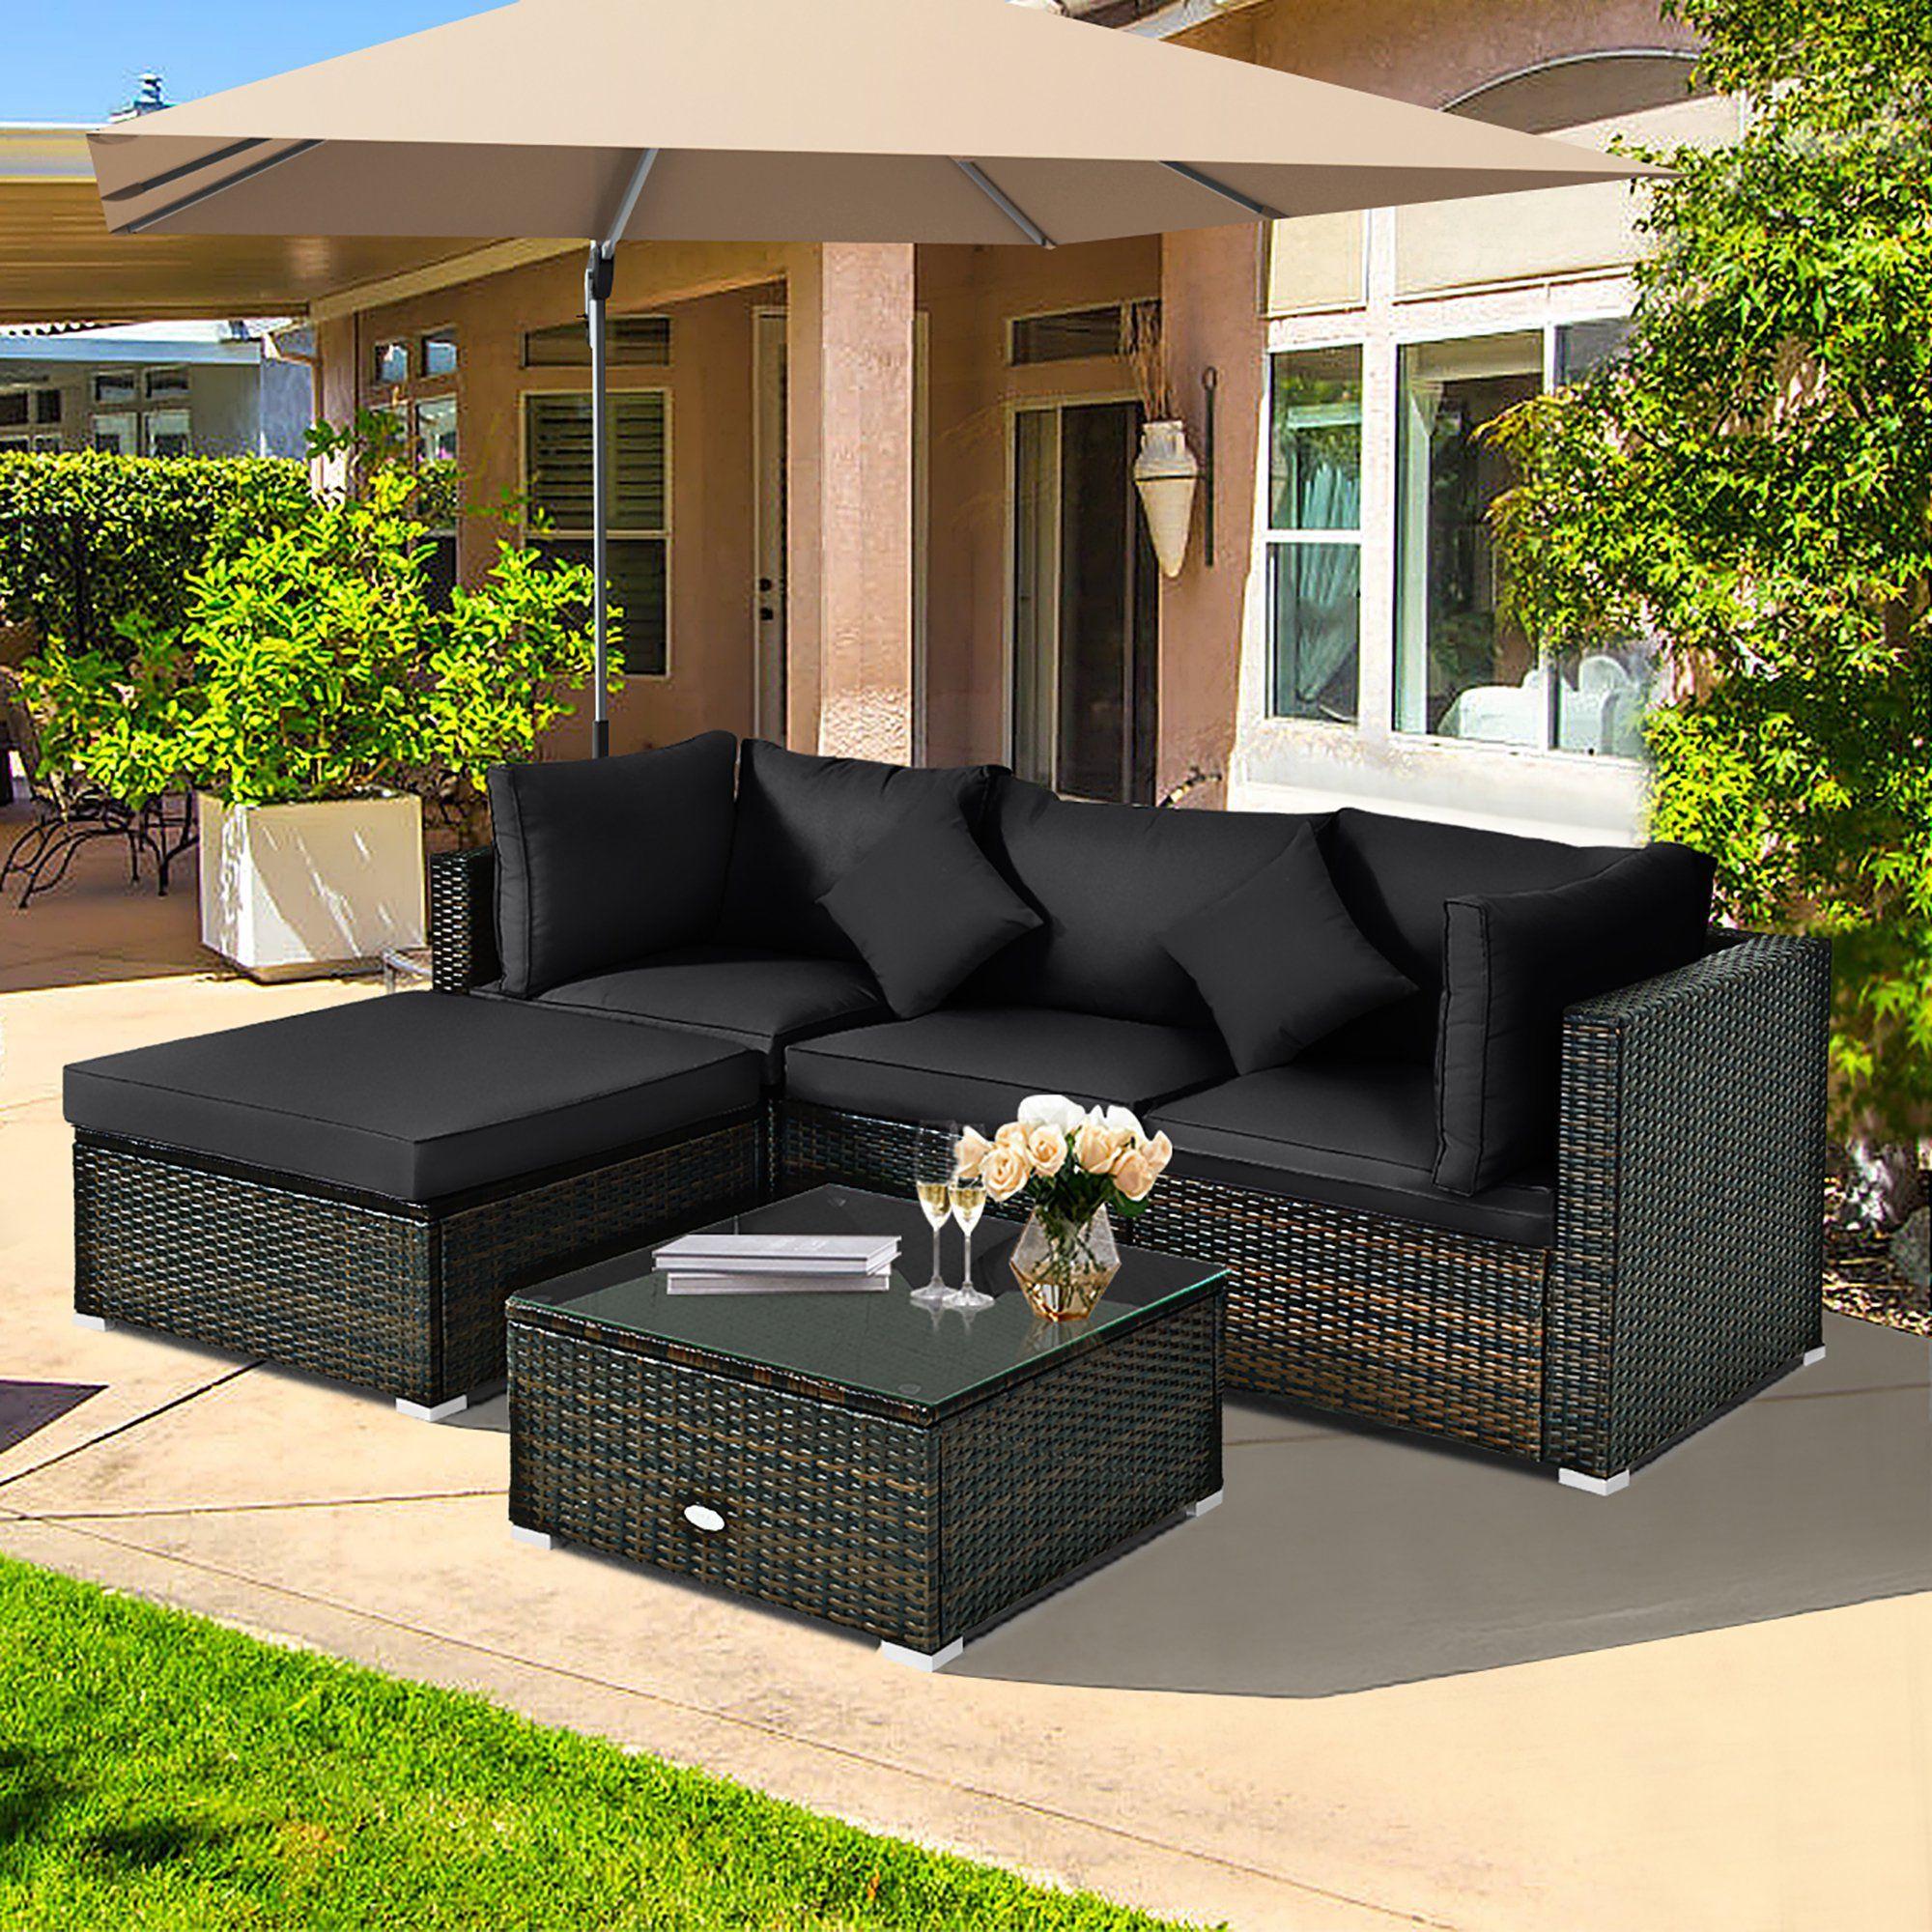 costway 5pcs outdoor patio rattan